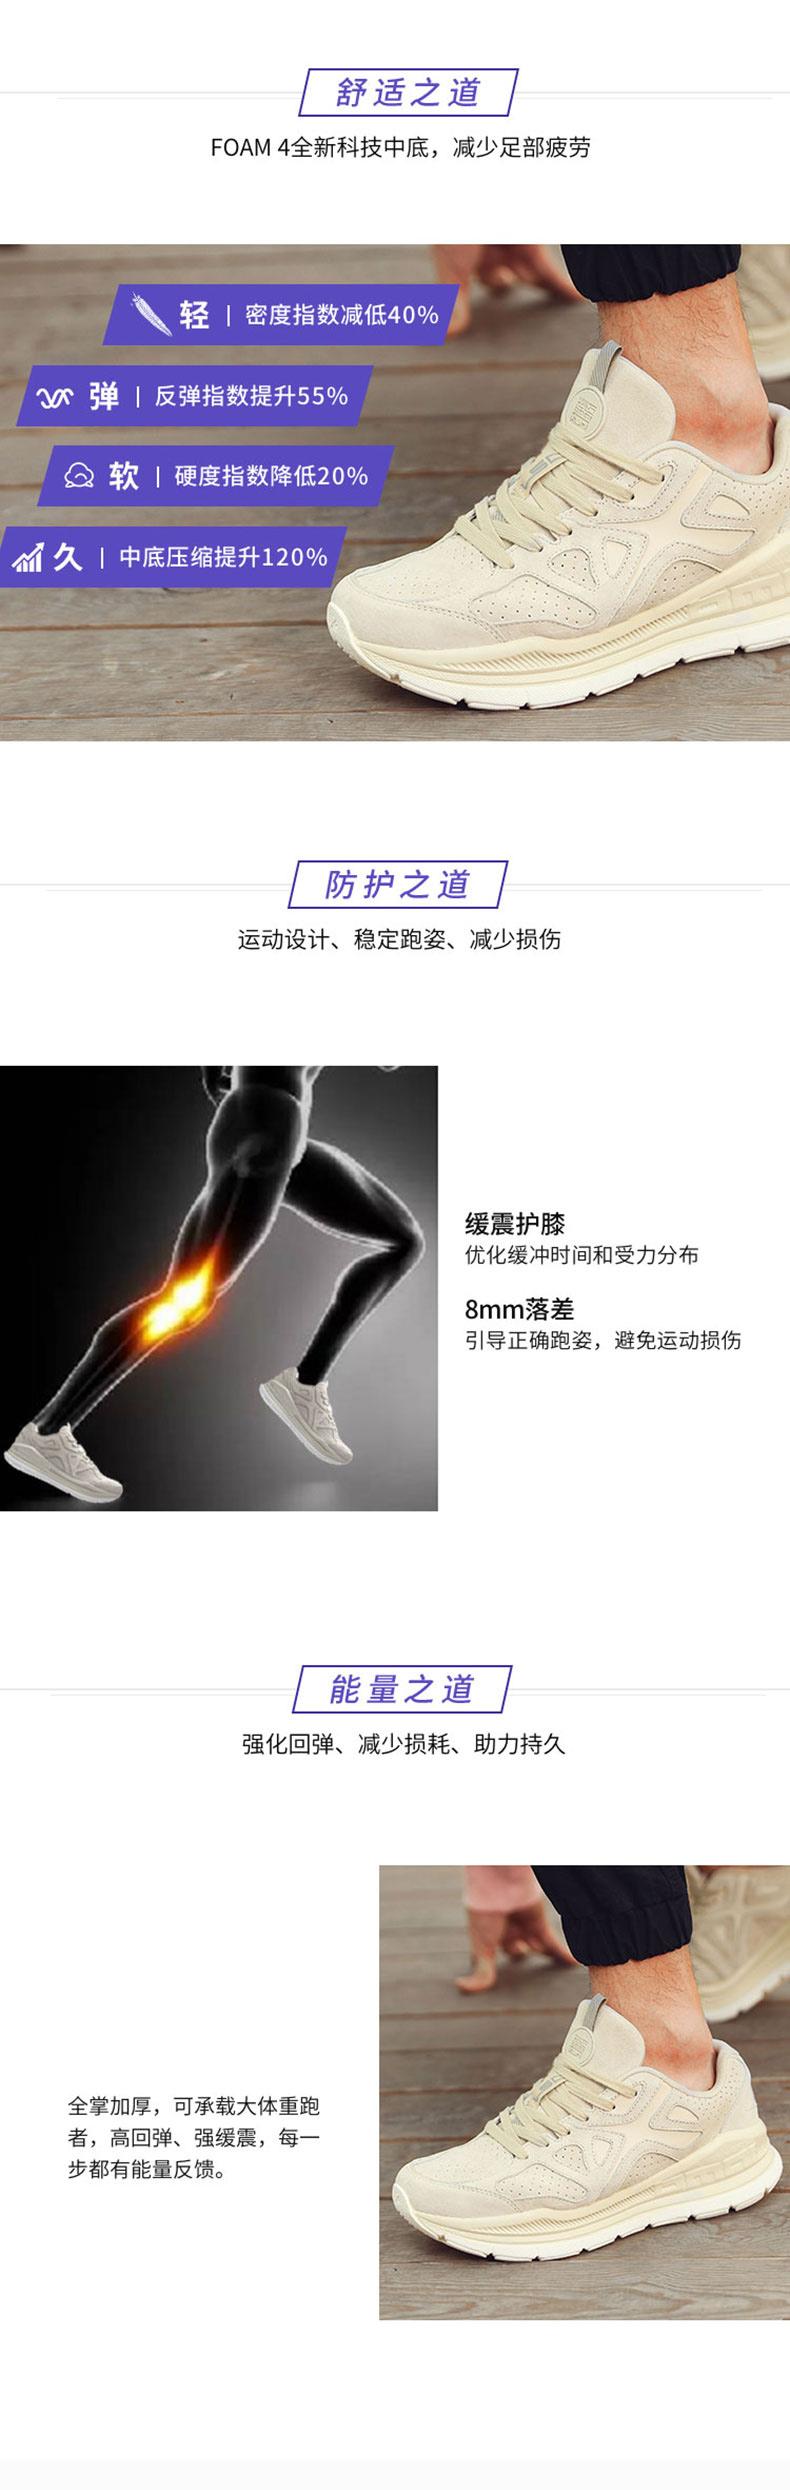 必迈 2020冬季新款 抵御者 全掌加厚 男强缓震跑步鞋 脚感更软 图5